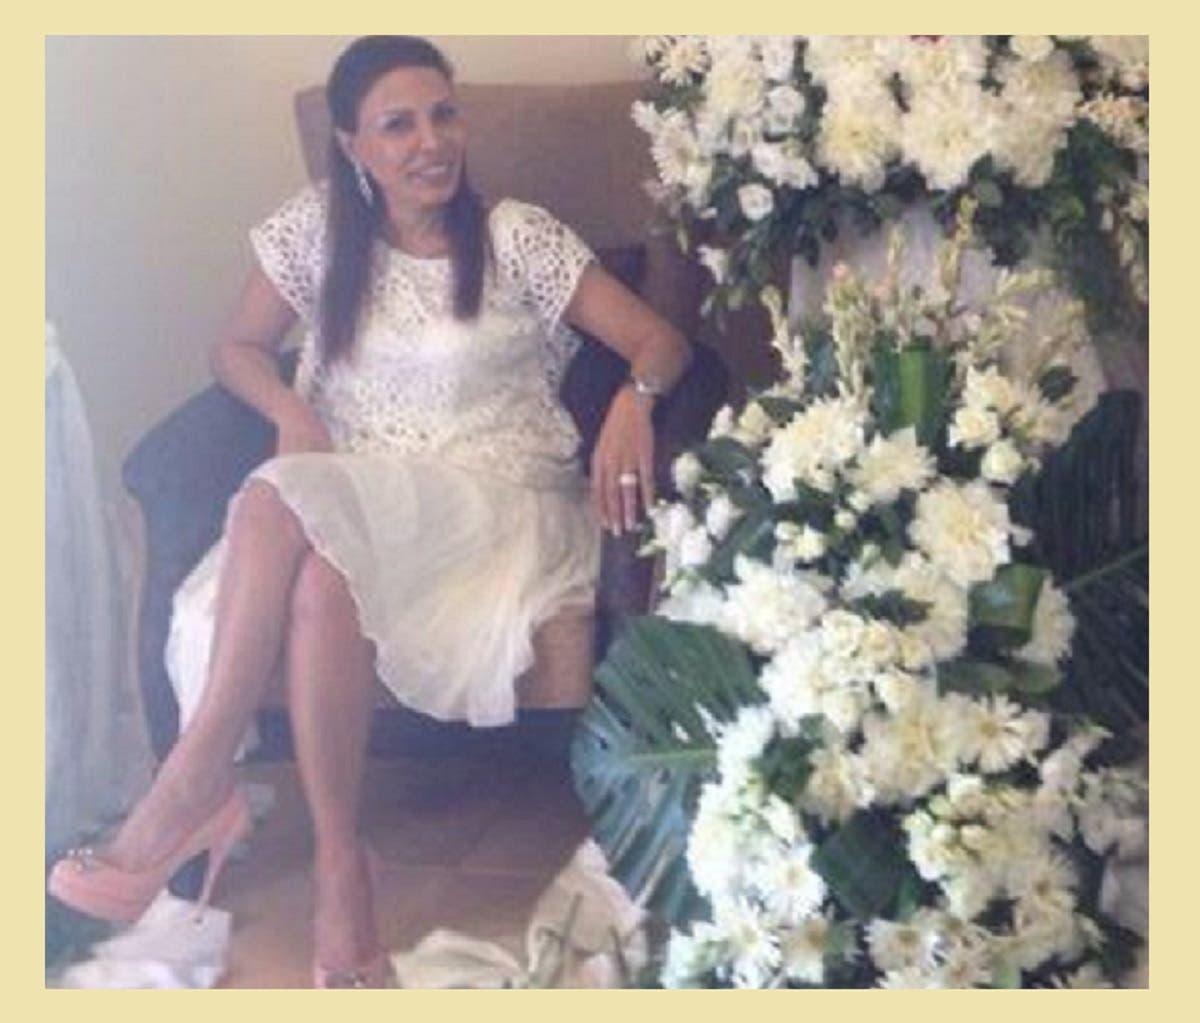 فاطمة مسعود أم القاتل لا زالت تنشر صورها بكامل أناقتها على صفحتها الخاصة